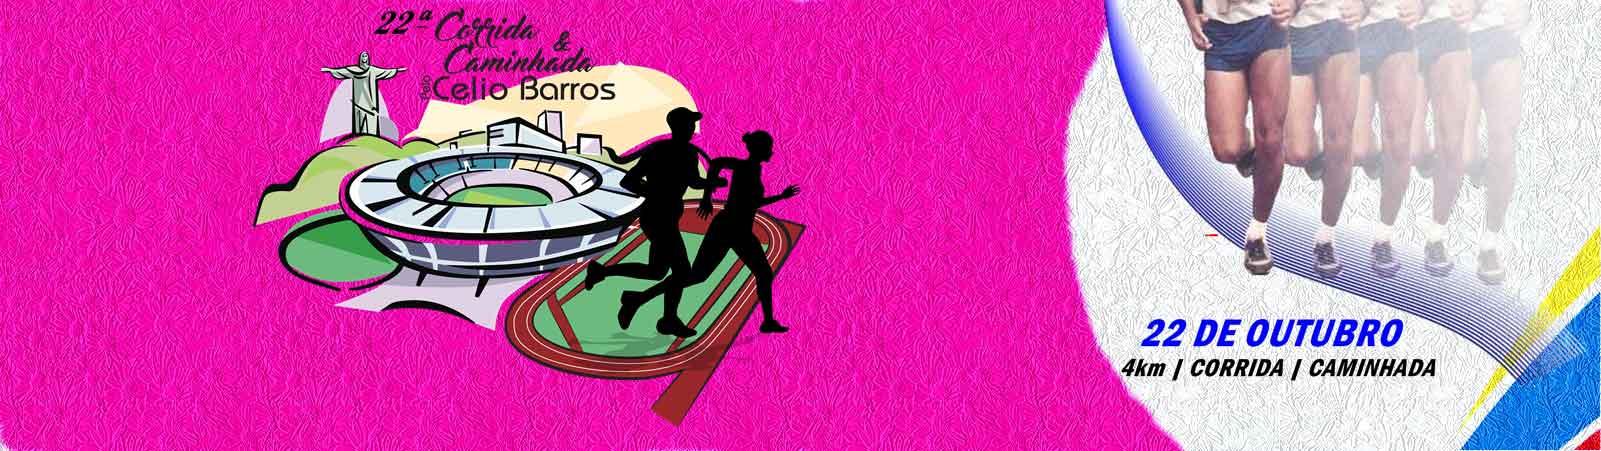 22ª CORRIDA E CAMINHADA DE CONFRATERNIZAÇÃO PELA RECONSTRUÇÃO DO ESTÁDIO DE ATLETISMO CÉLIO DE BARROS - Imagem de topo